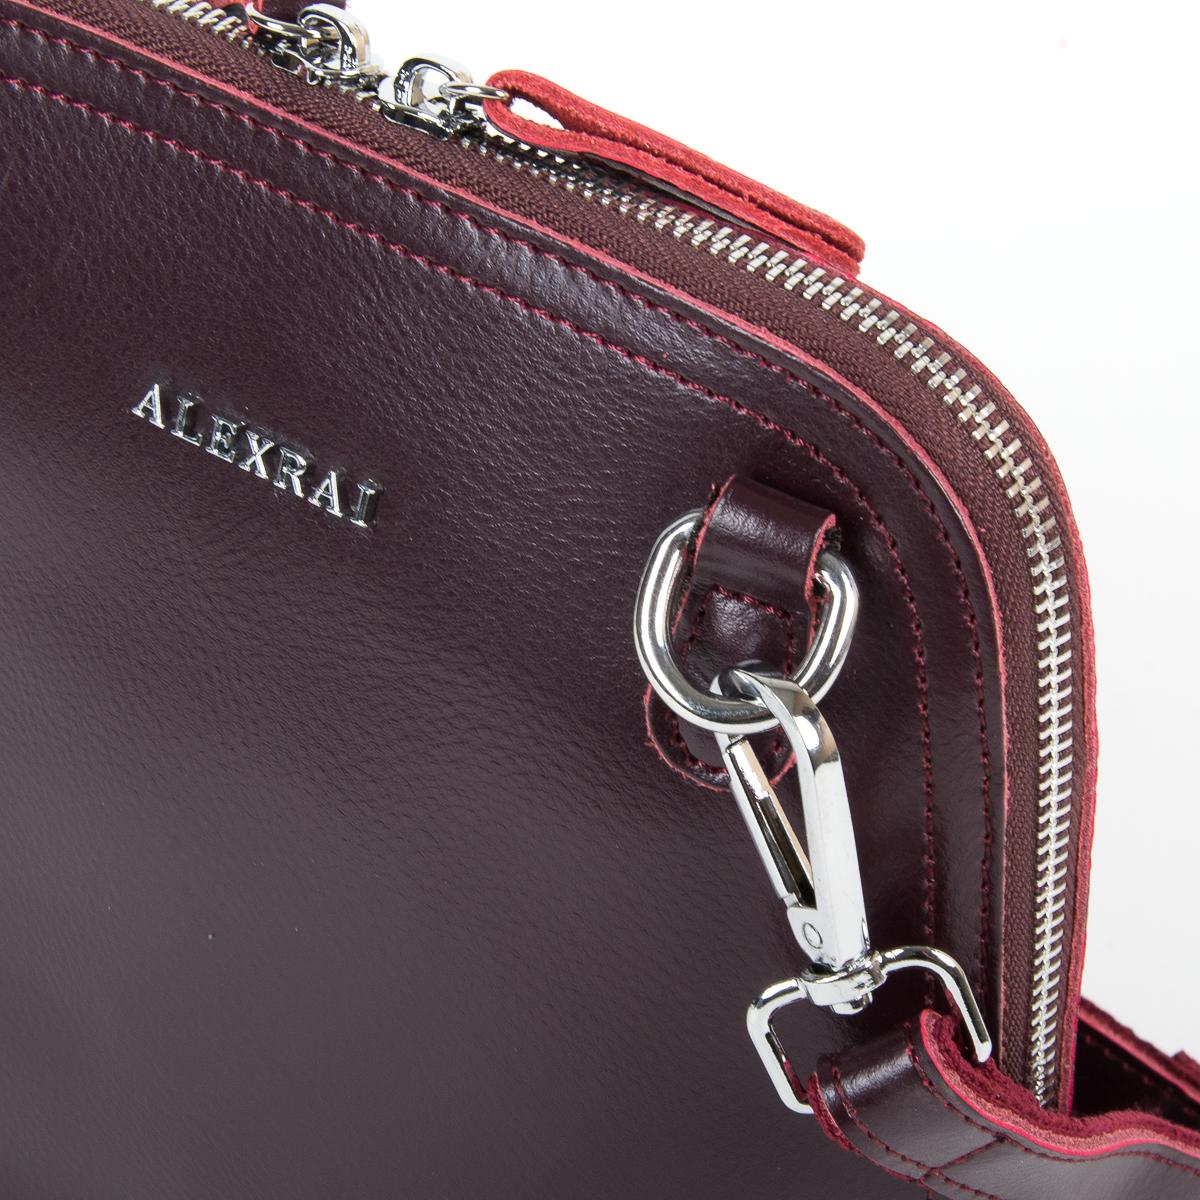 Сумка Женская Клатч кожа ALEX RAI 9-01 8803 burgundy - фото 3